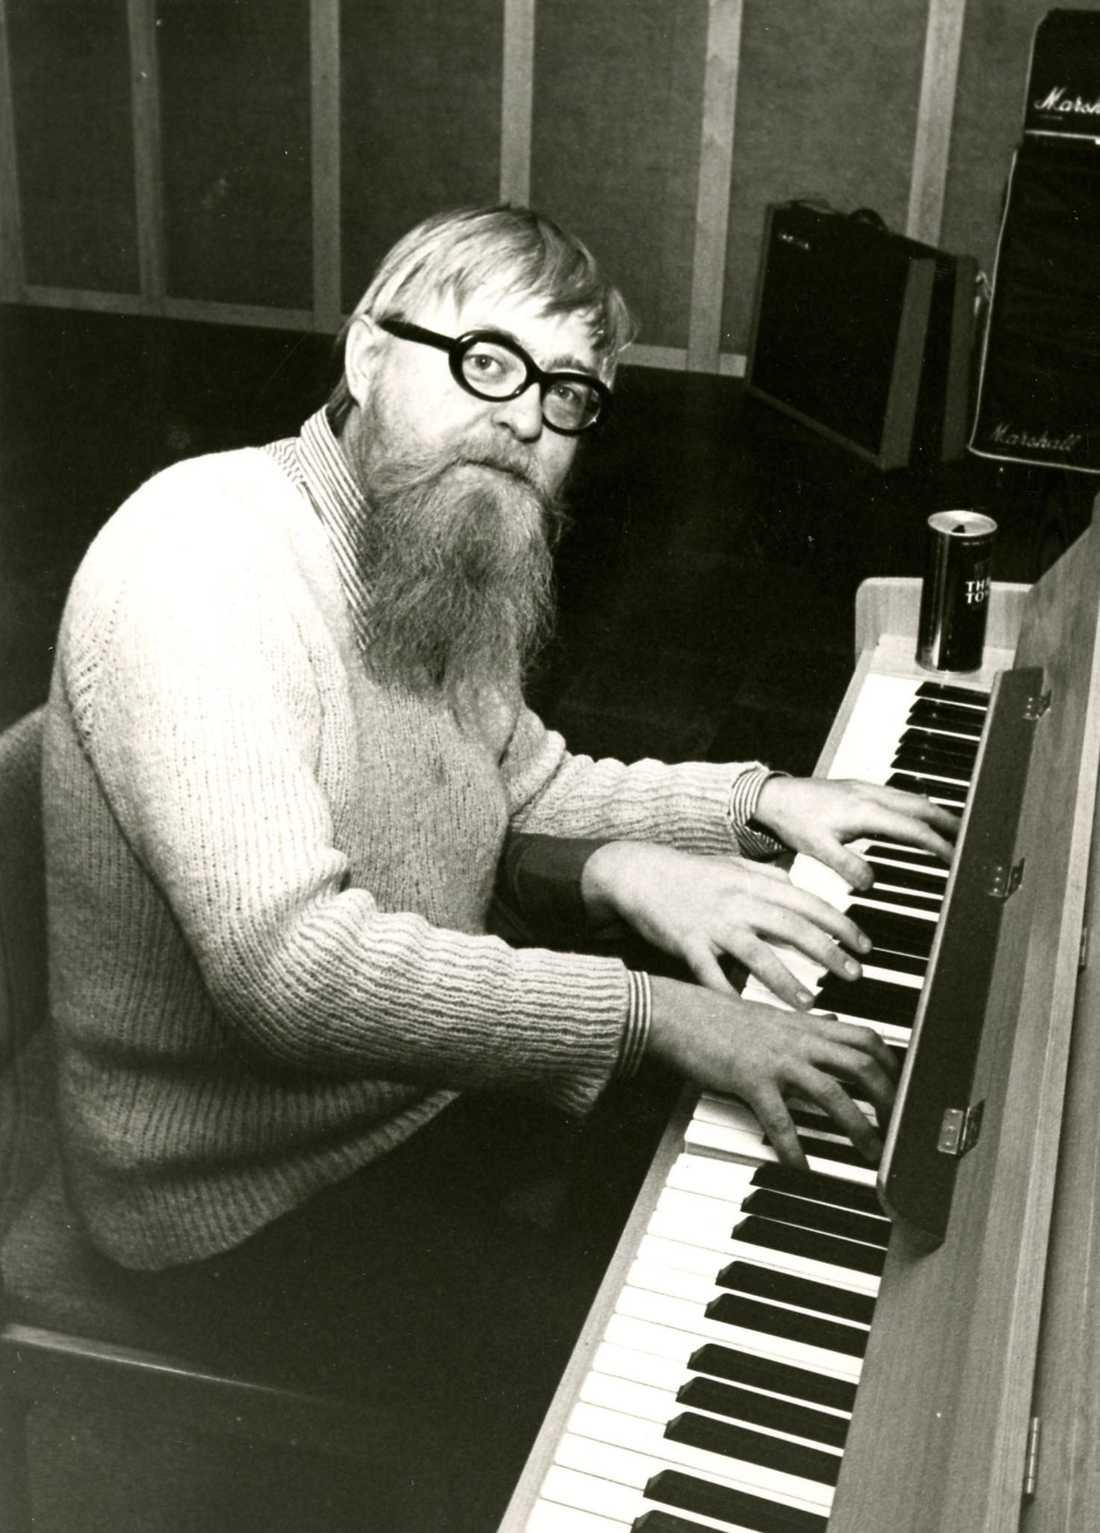 Trehändig pianist Lasse Werner (1934 - 1932) älskade klassisk bebop och verkade som pianist och kompositör. Hans bror, Mats Werner, har skrivit en bok om musikerns liv. Foto: Svenskt Visarkiv